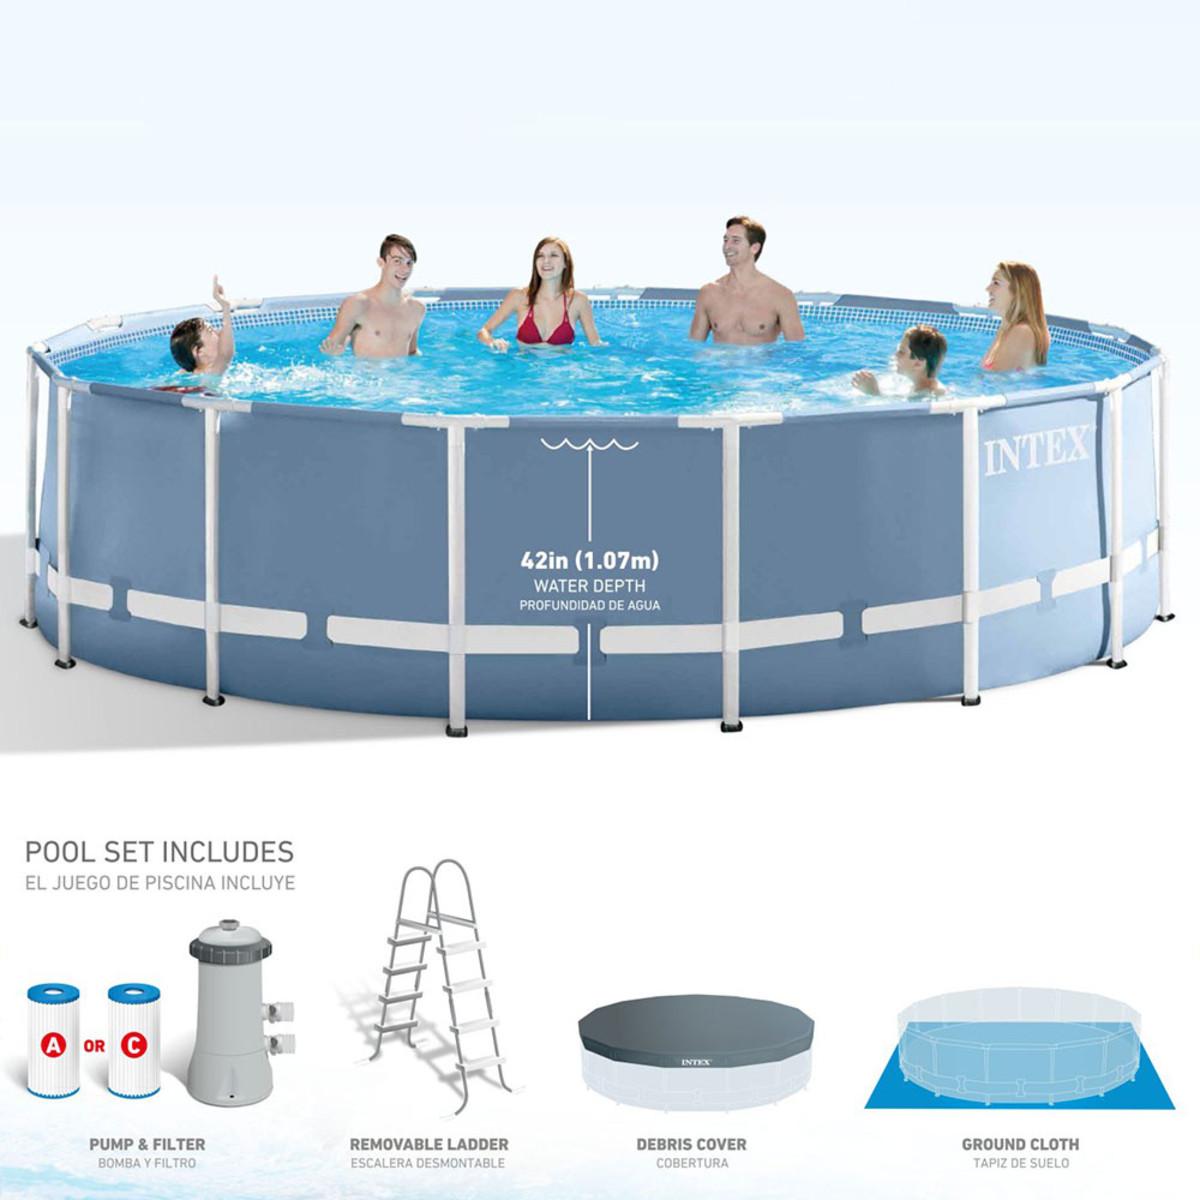 Gemütlich Intex 15 X 48 Ultra Rahmen Pool Fotos - Benutzerdefinierte ...